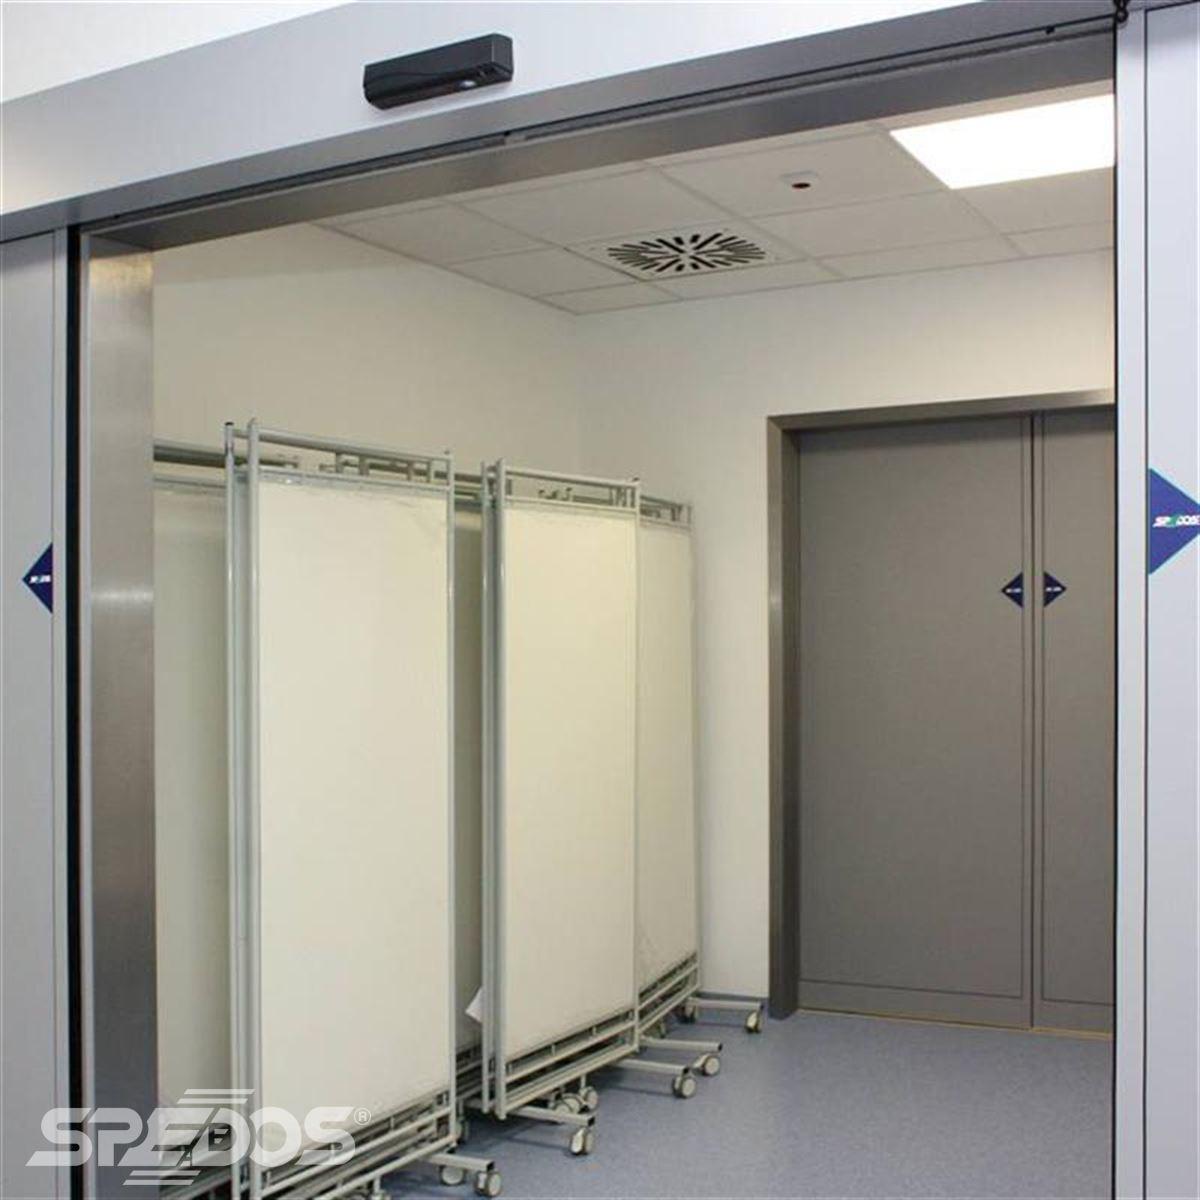 Dvoukřídlé automatické posuvné dveře pro nemocnici sv. Michala 5